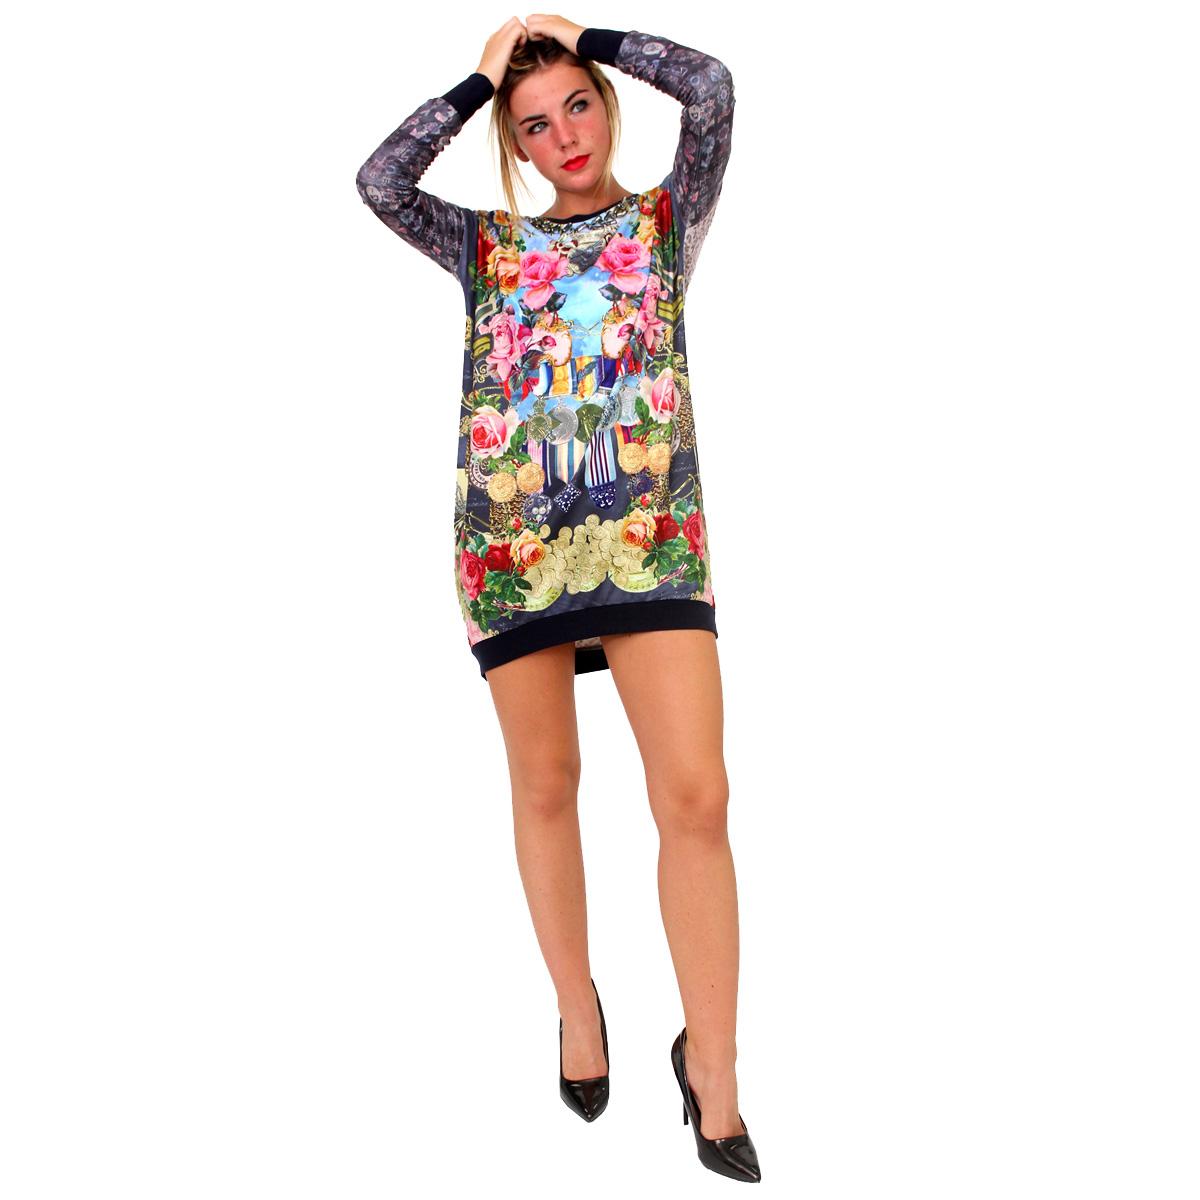 Maxi maglia FRACOMINA abbigliamento firmato donna accessori firmati emilia  romagna ingrosso vendita abbigliamento stock grossisti stocchisti aaaf1399280